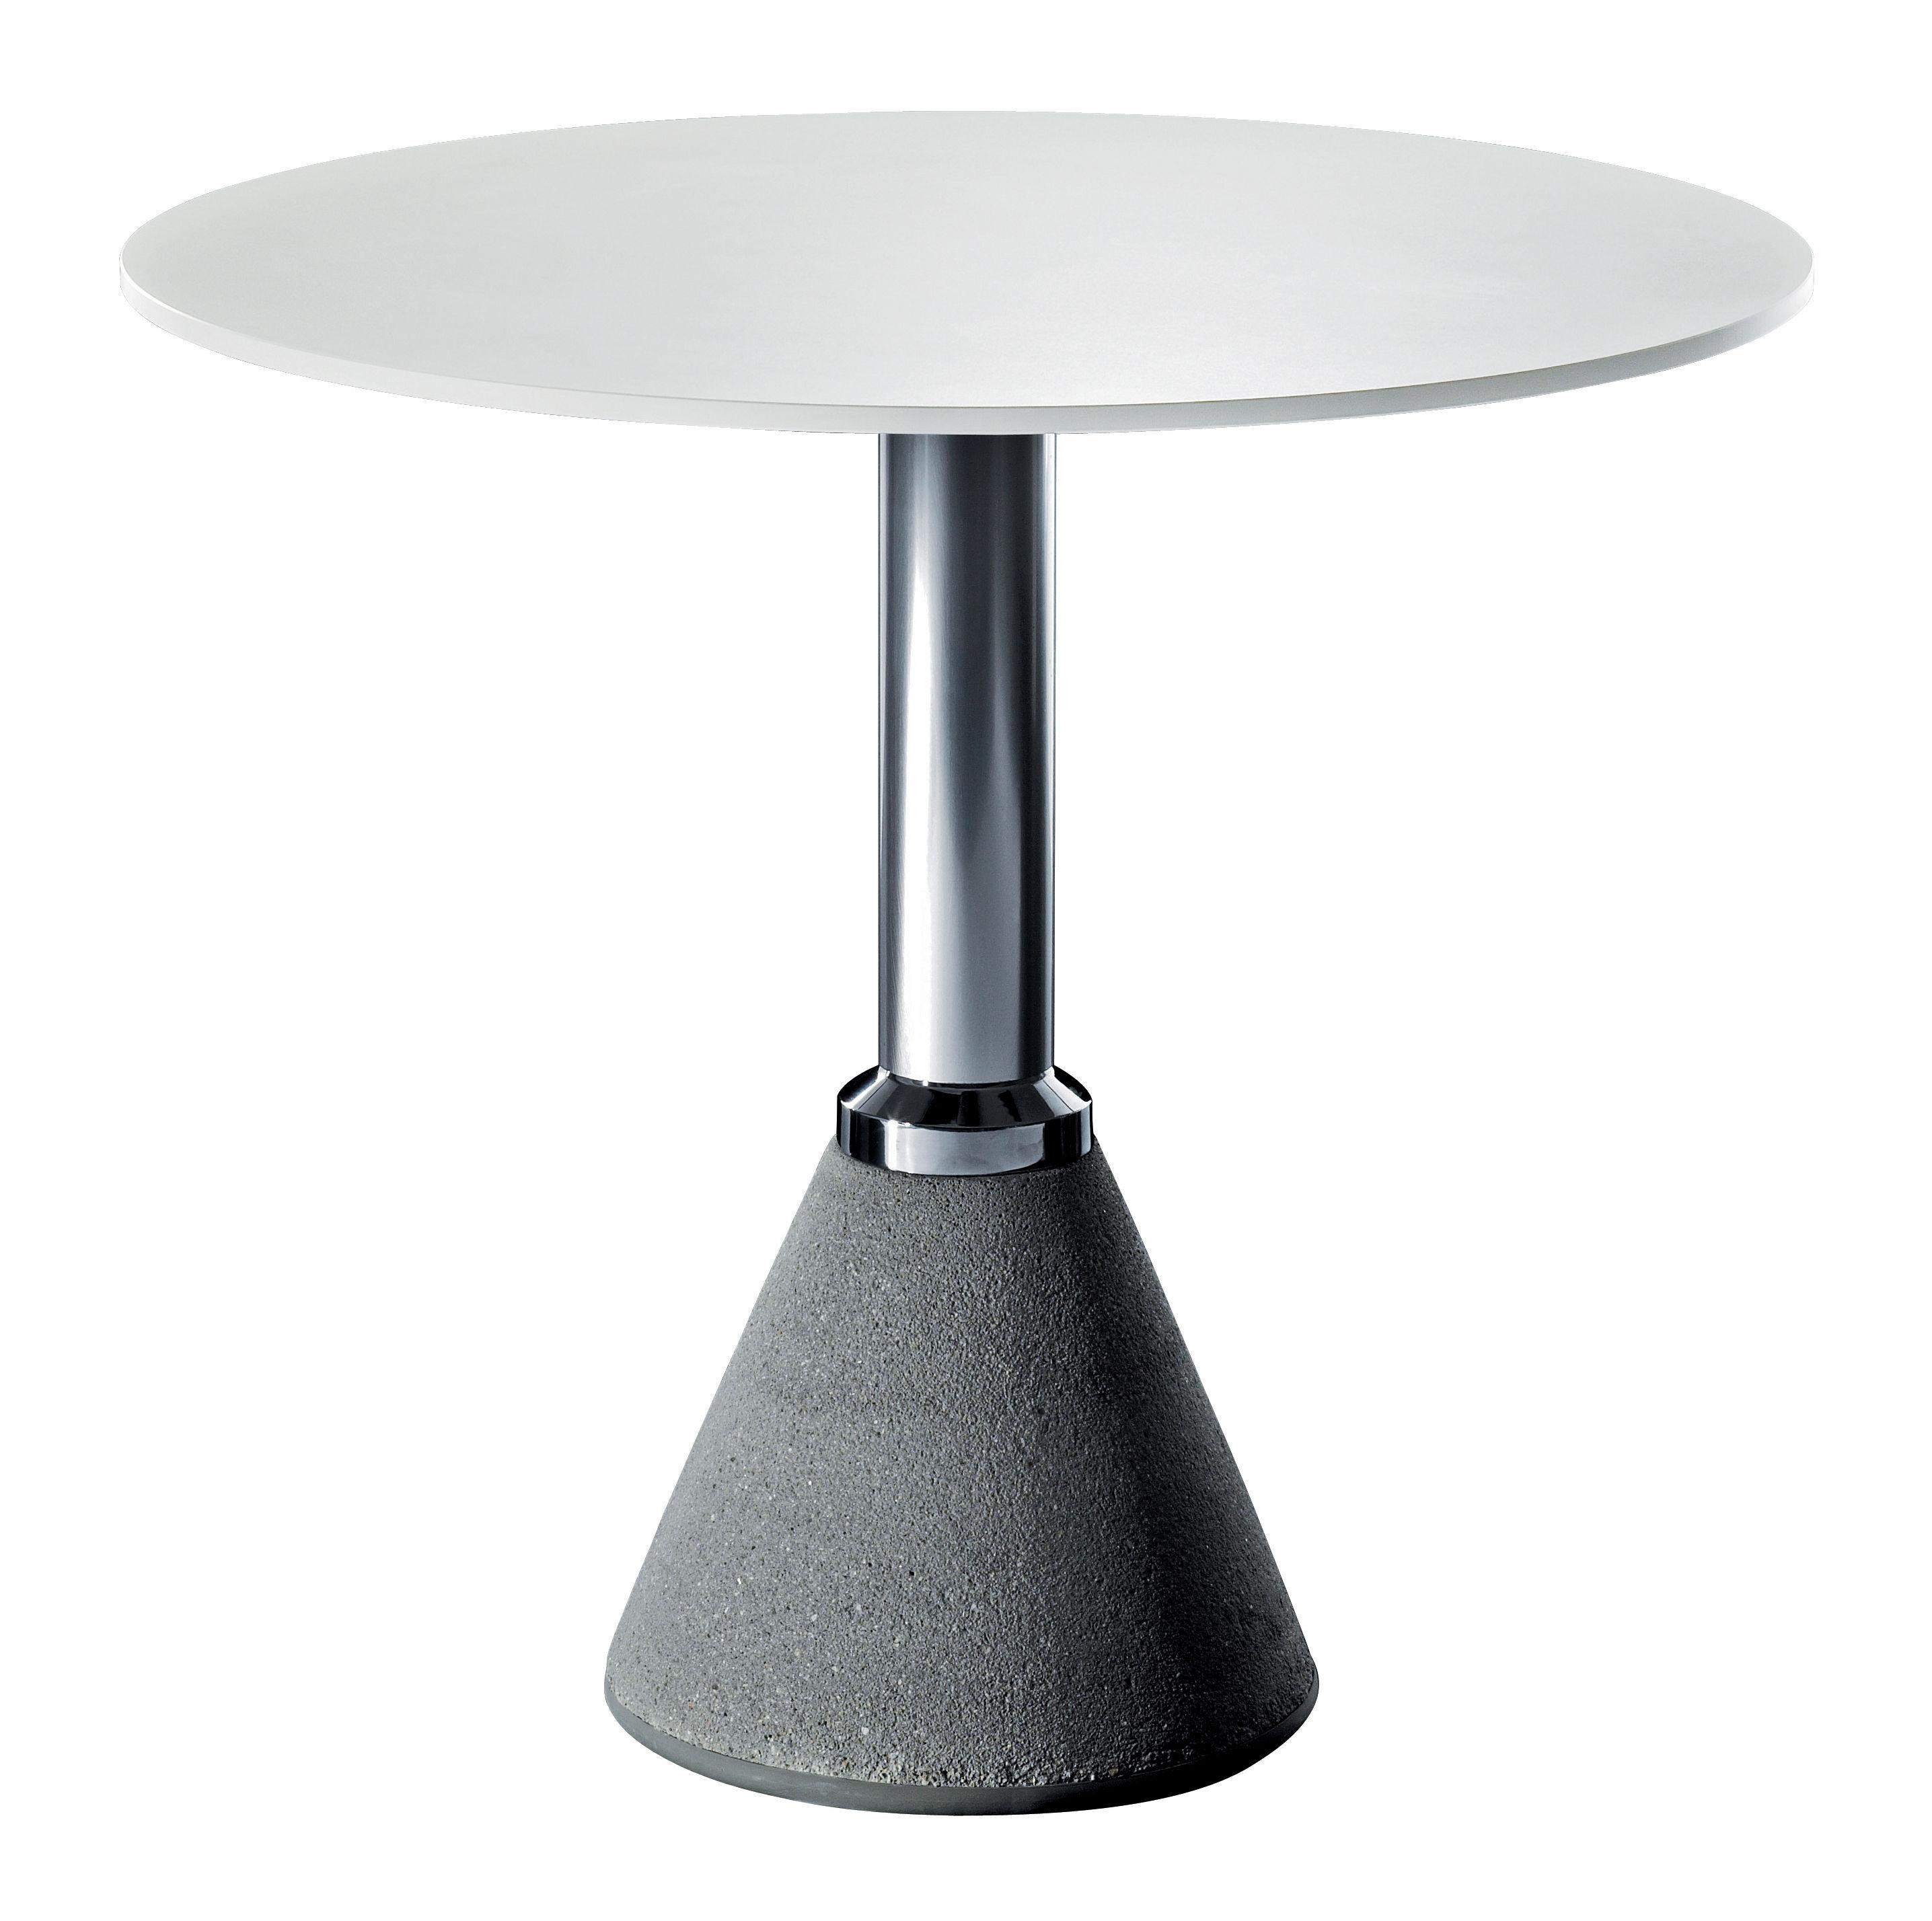 Outdoor - Tische - One Bistrot Runder Tisch Ø 79 cm - Magis - Ø 79 cm - weiß - Aluminium, Beton, HPL